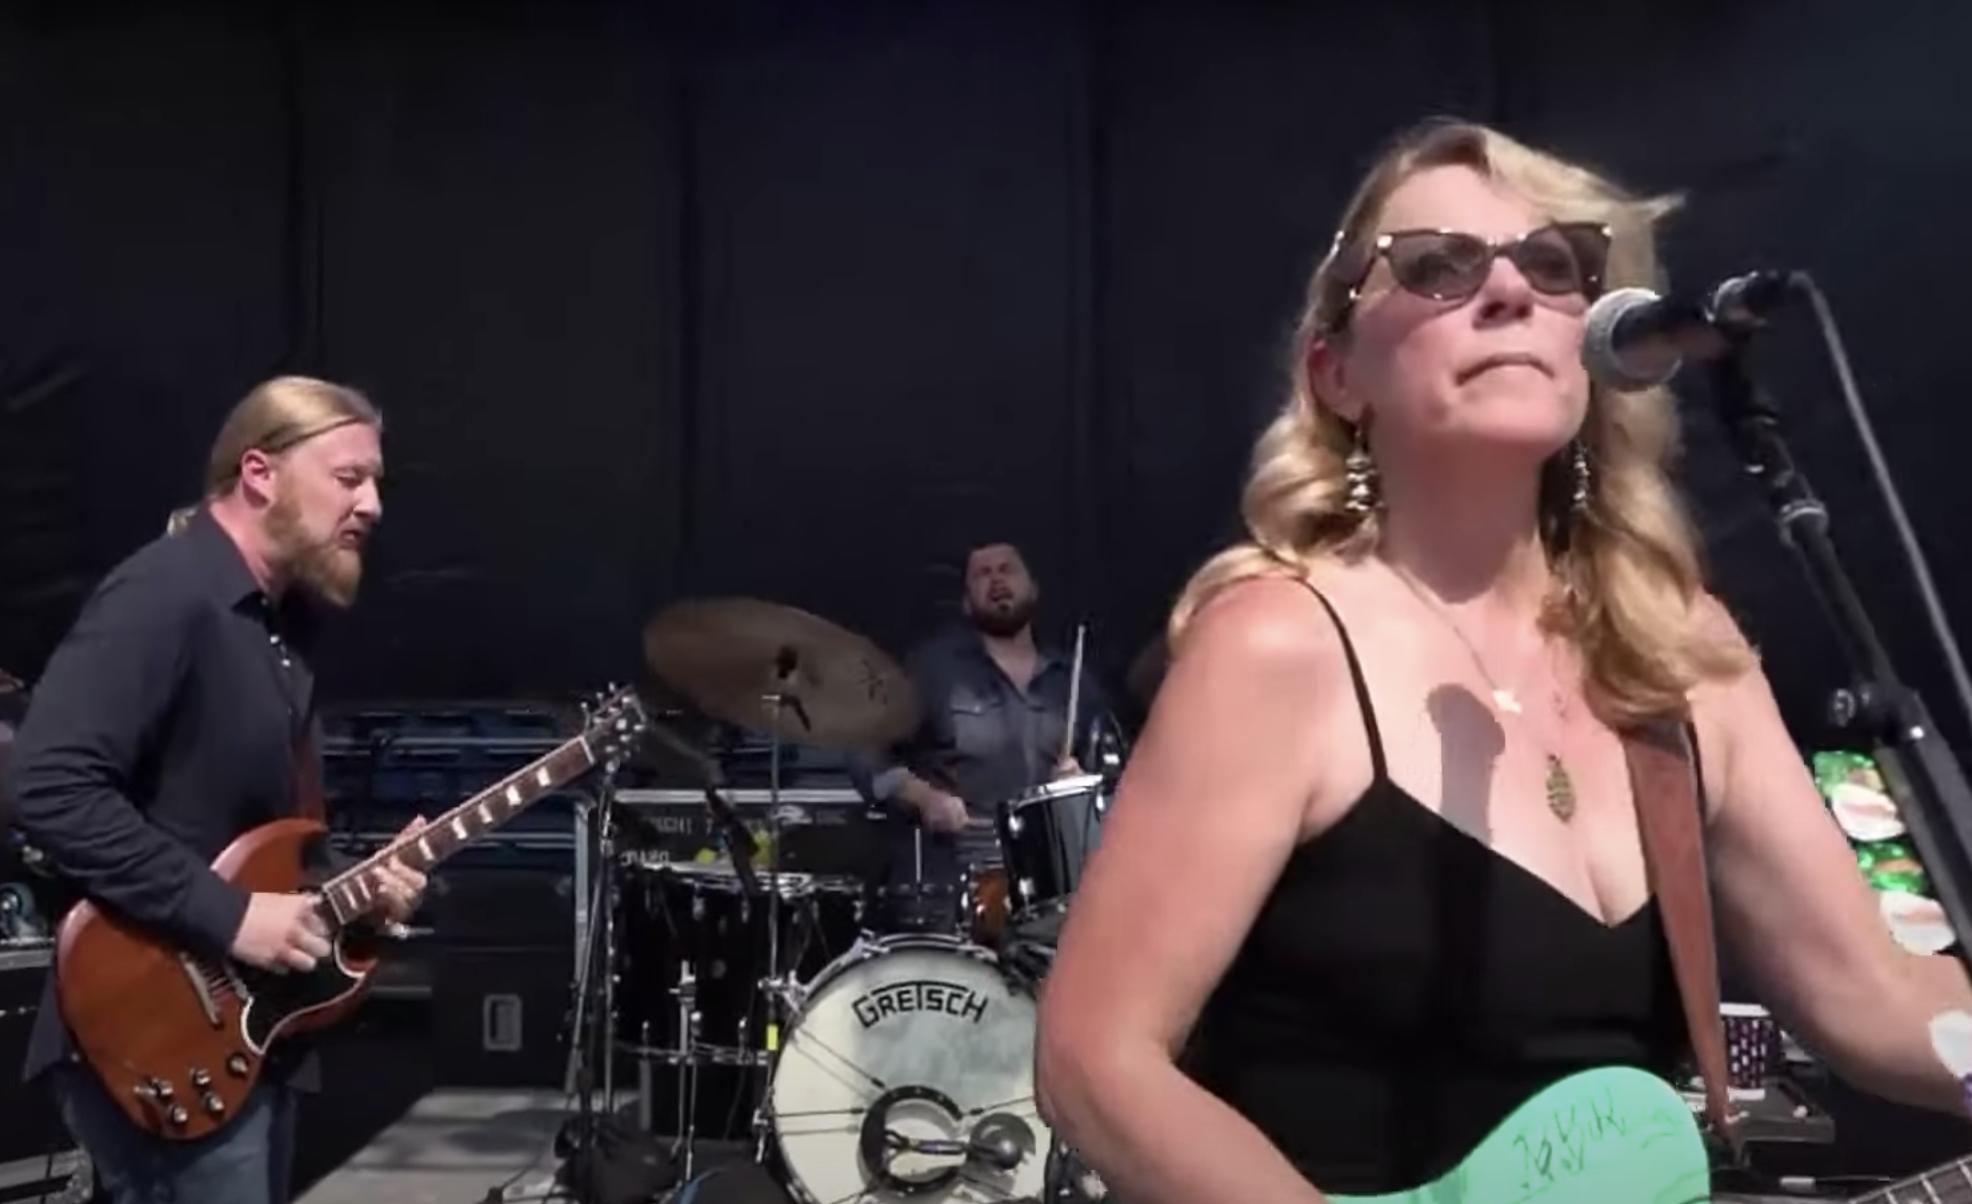 Vea la versión de la banda de Tedeschi Trucks sobre Derek and the Dominos Songs en 'CBS This Morning'